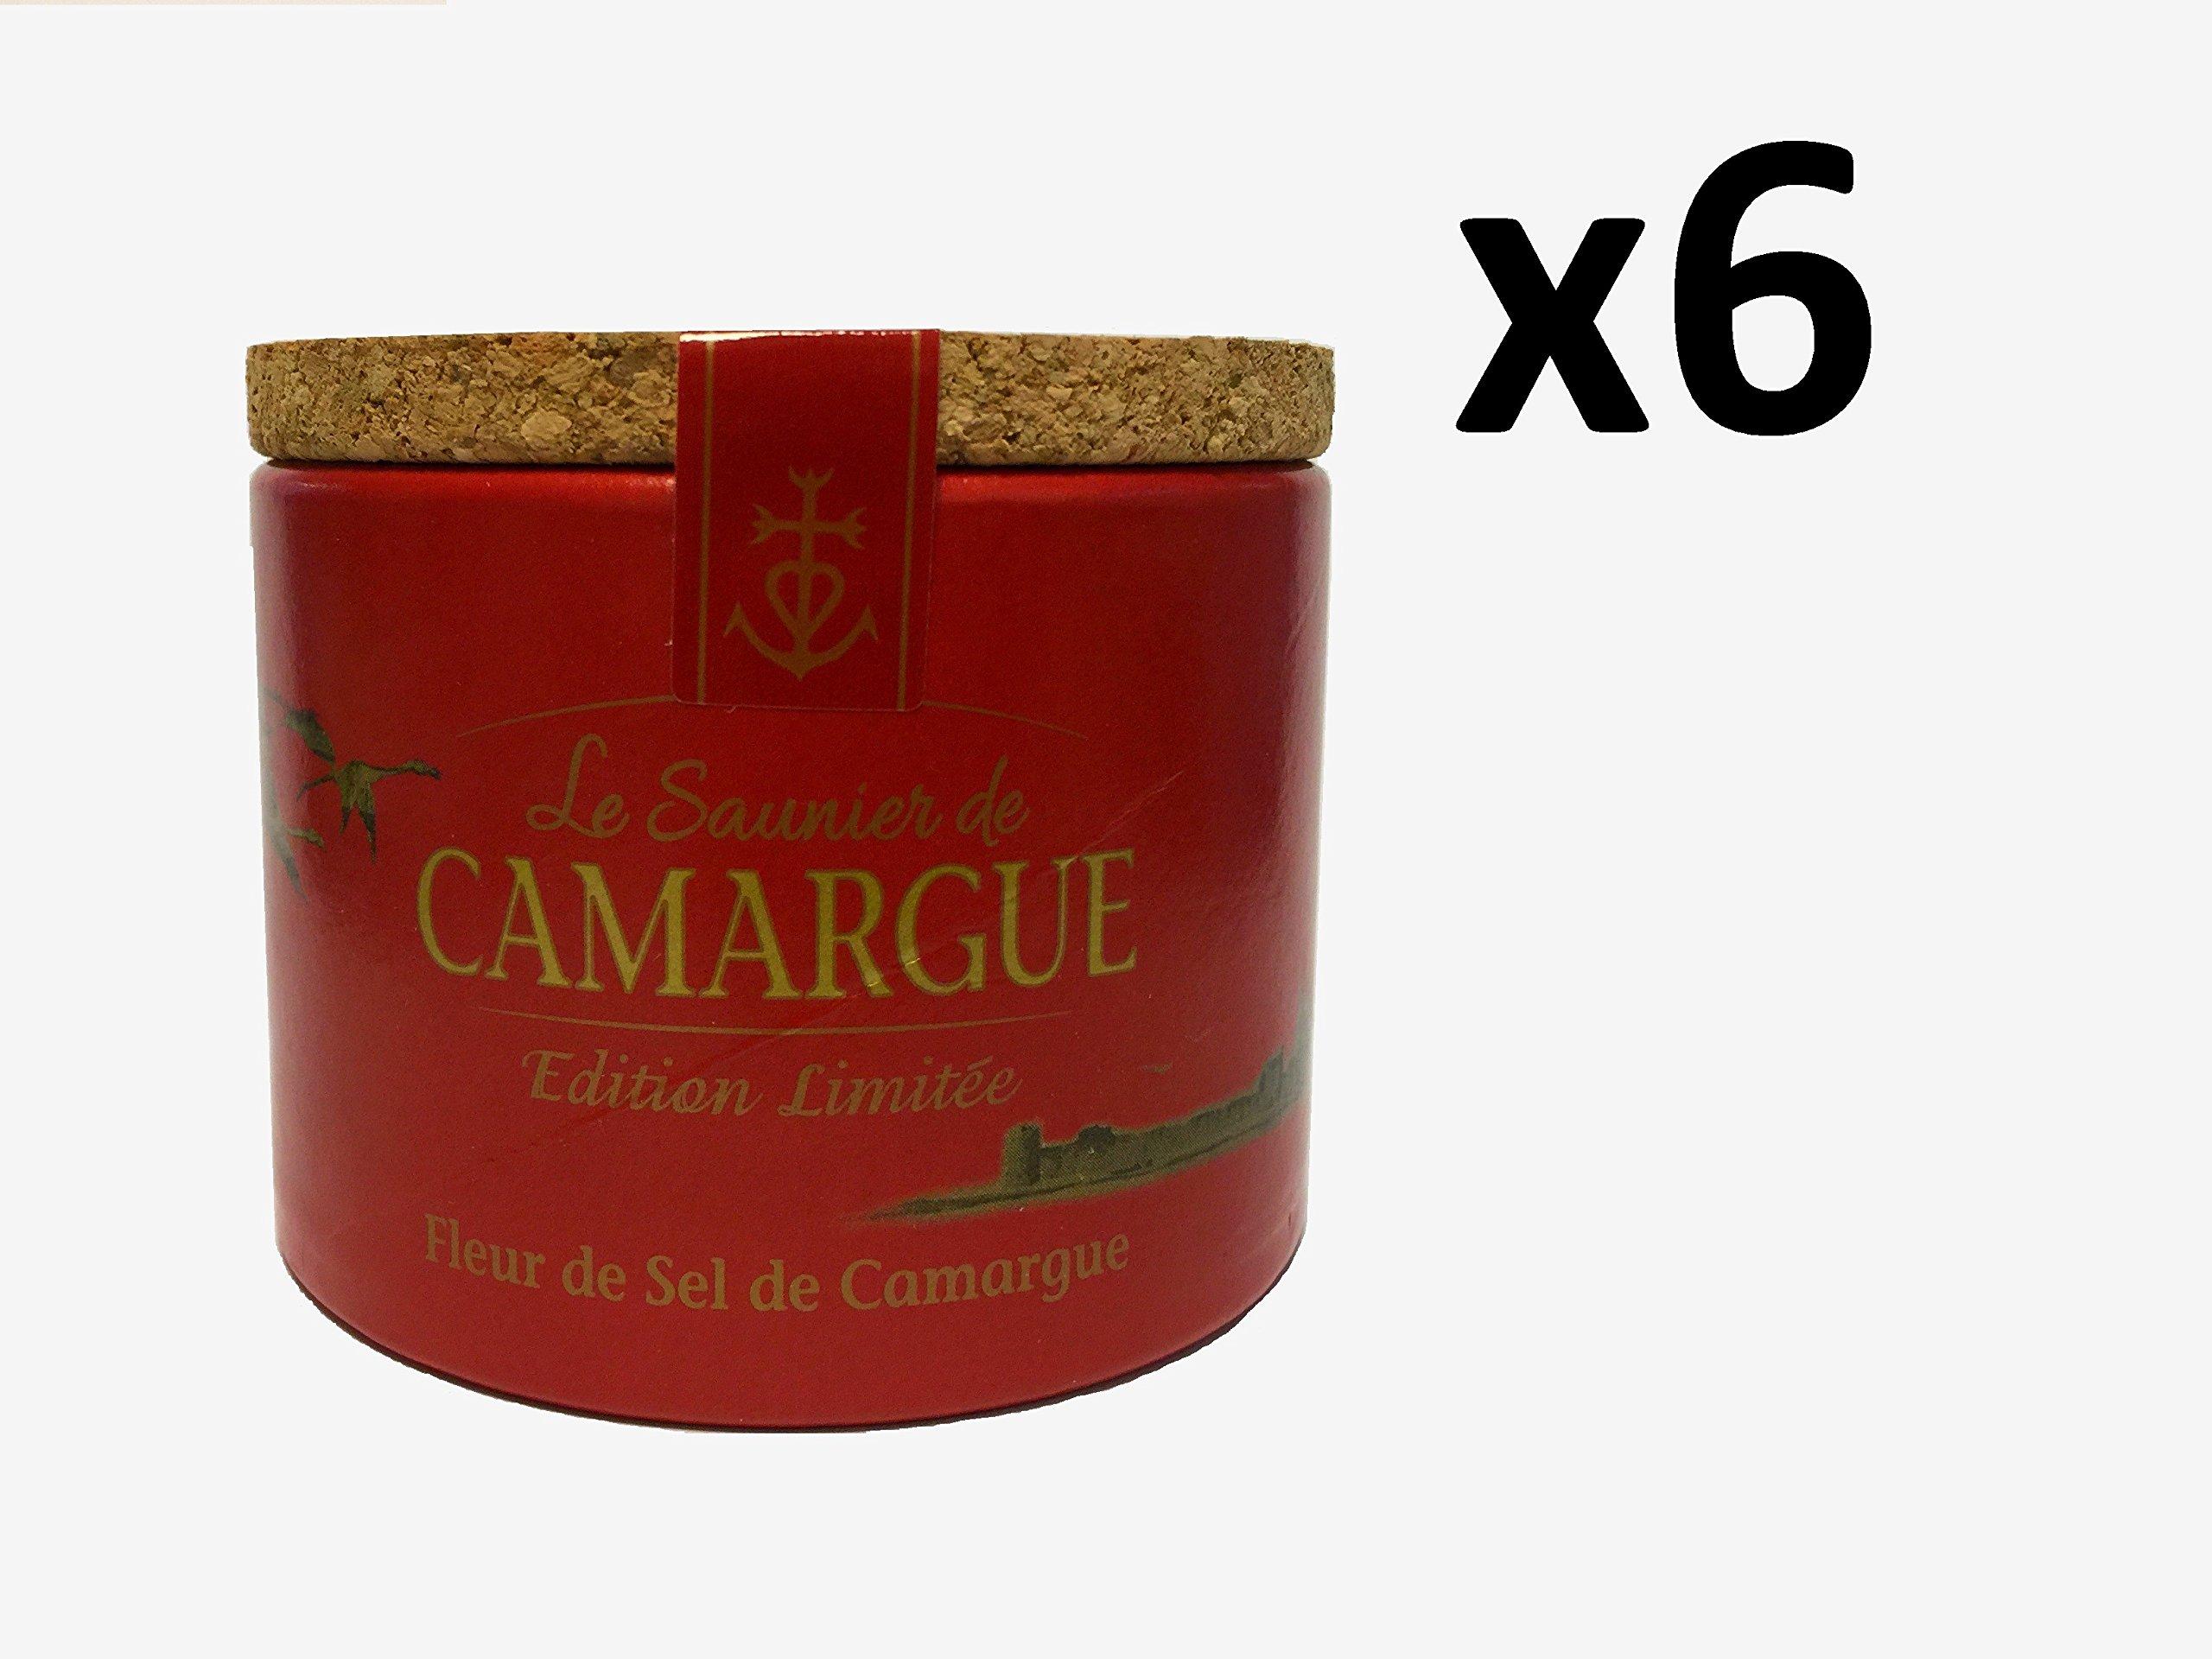 Le Saunier De Camargue Special Edition Fleur De Sel Sea Salt (x6)